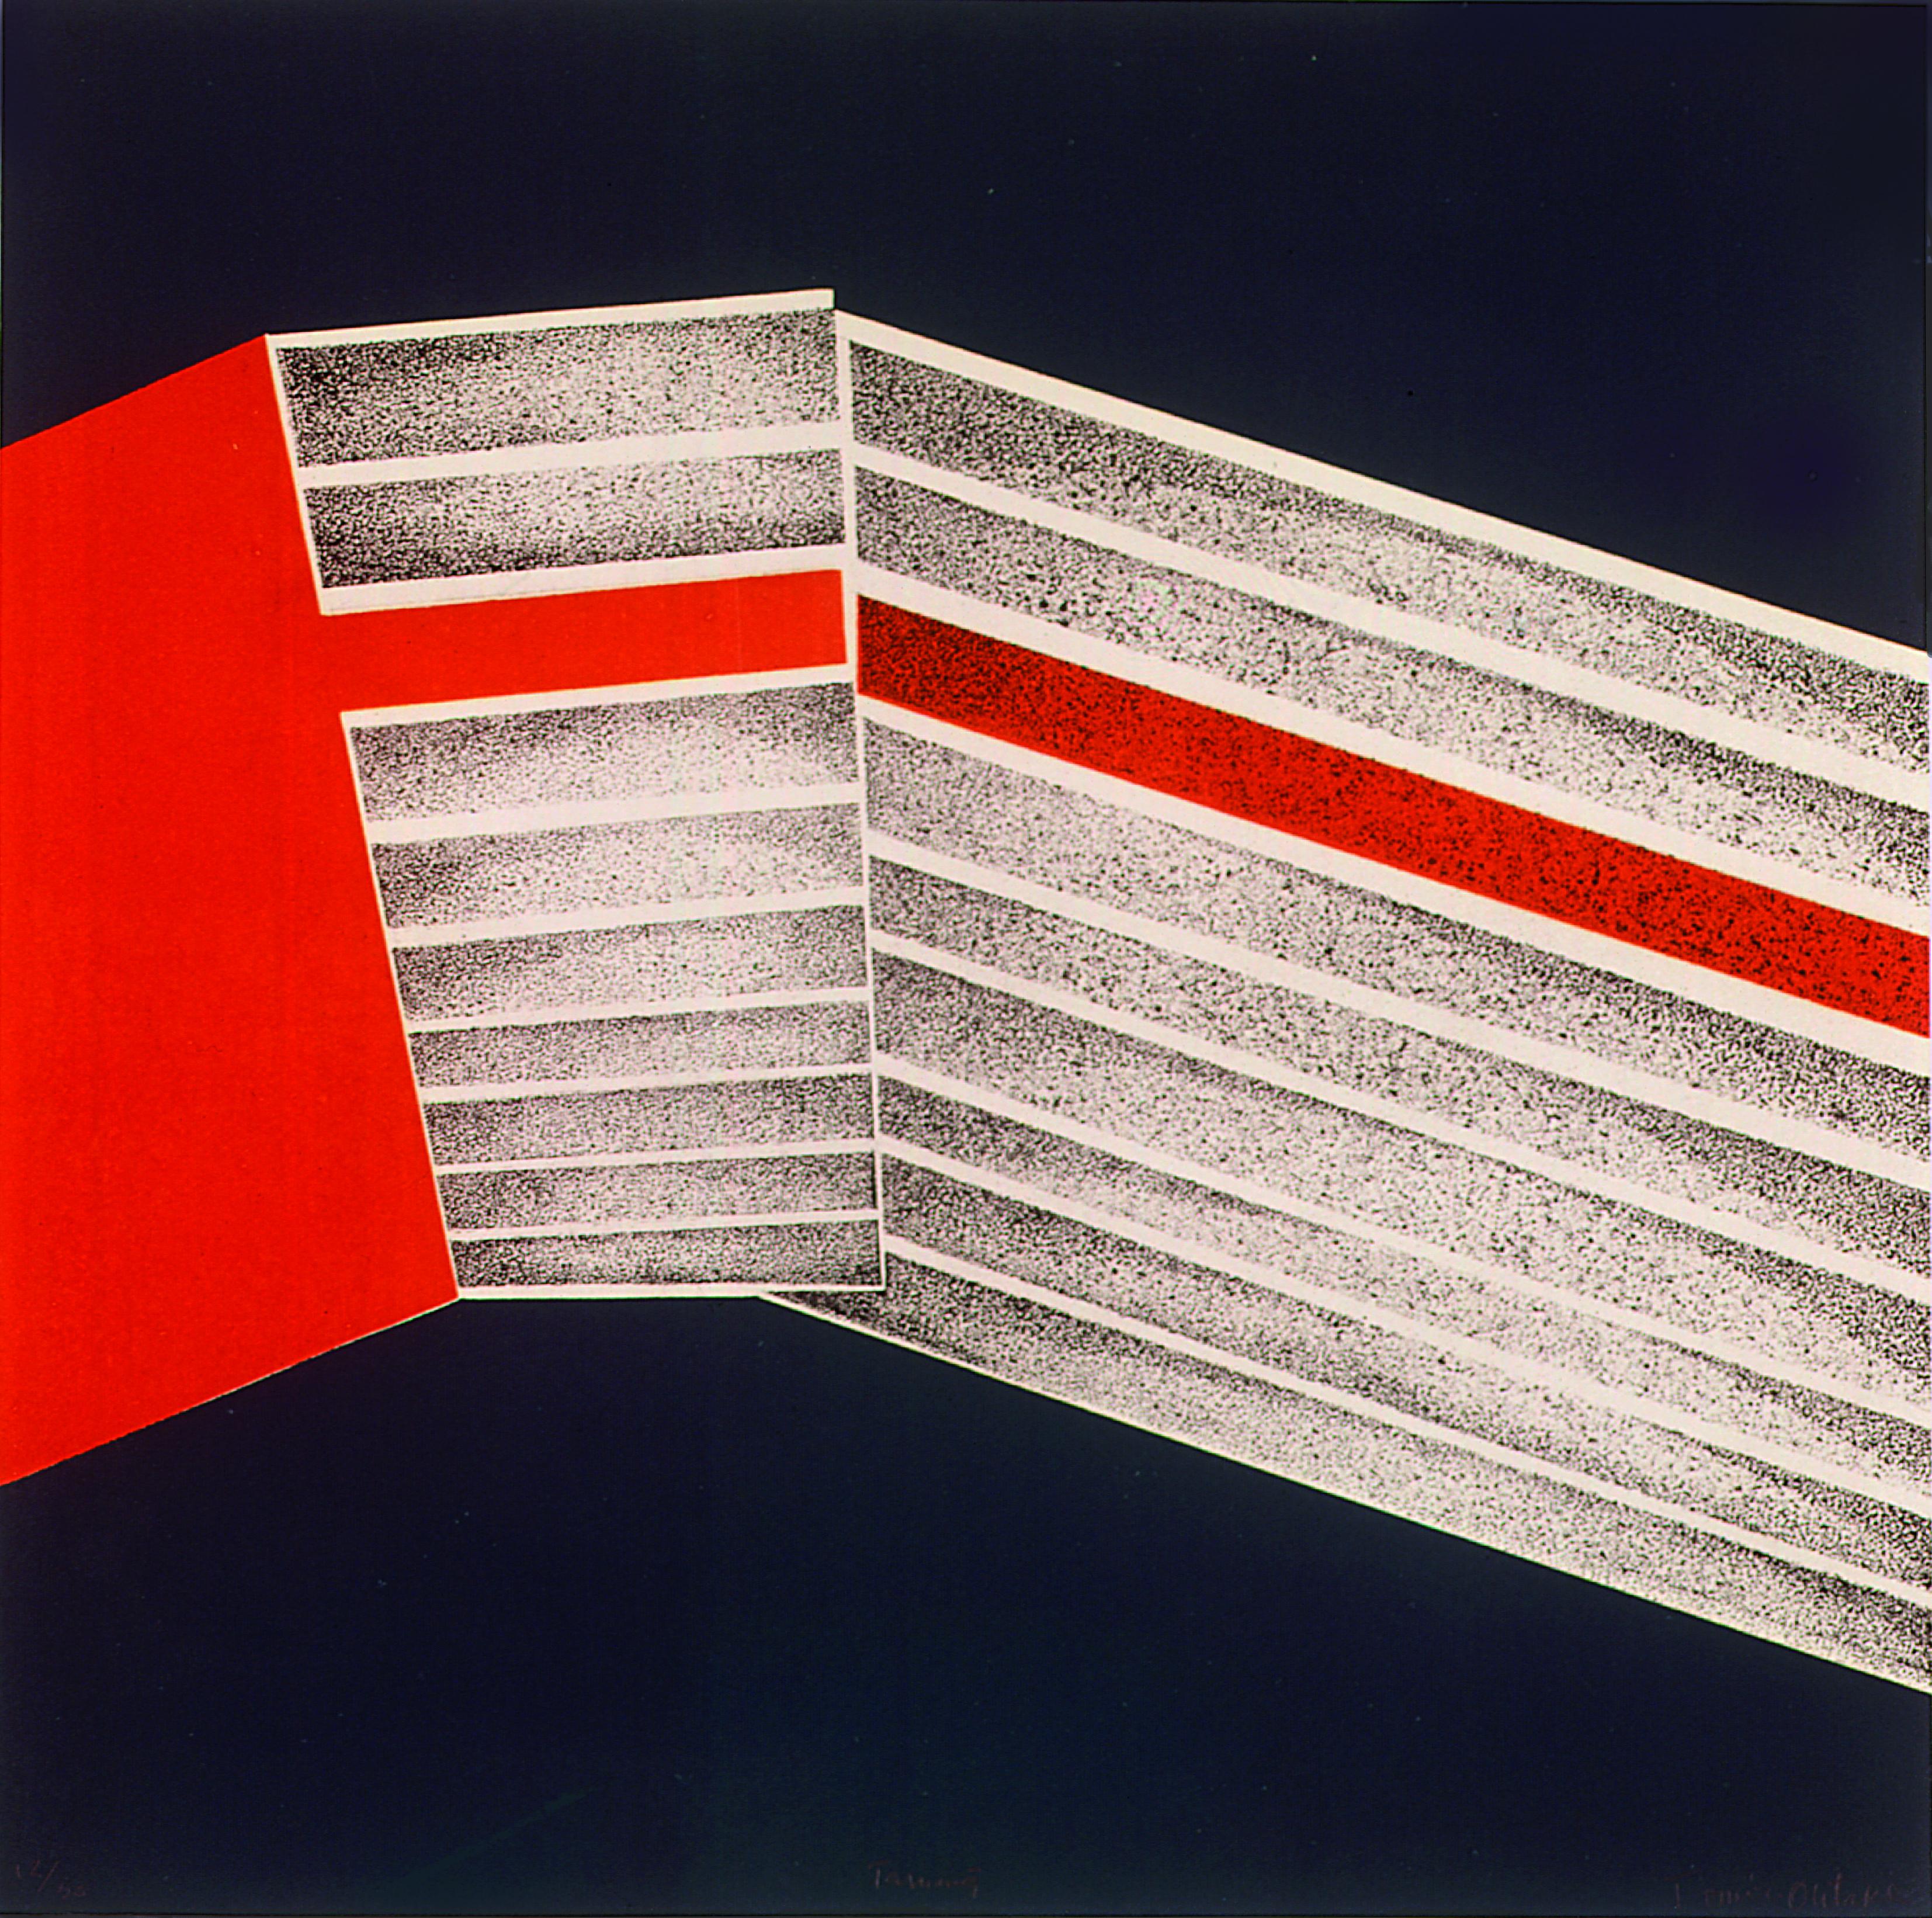 Tarumá Autor: Tomie Ohtake Técnica: Serigrafia (12/30) Dimensão: 50cm x 50cm